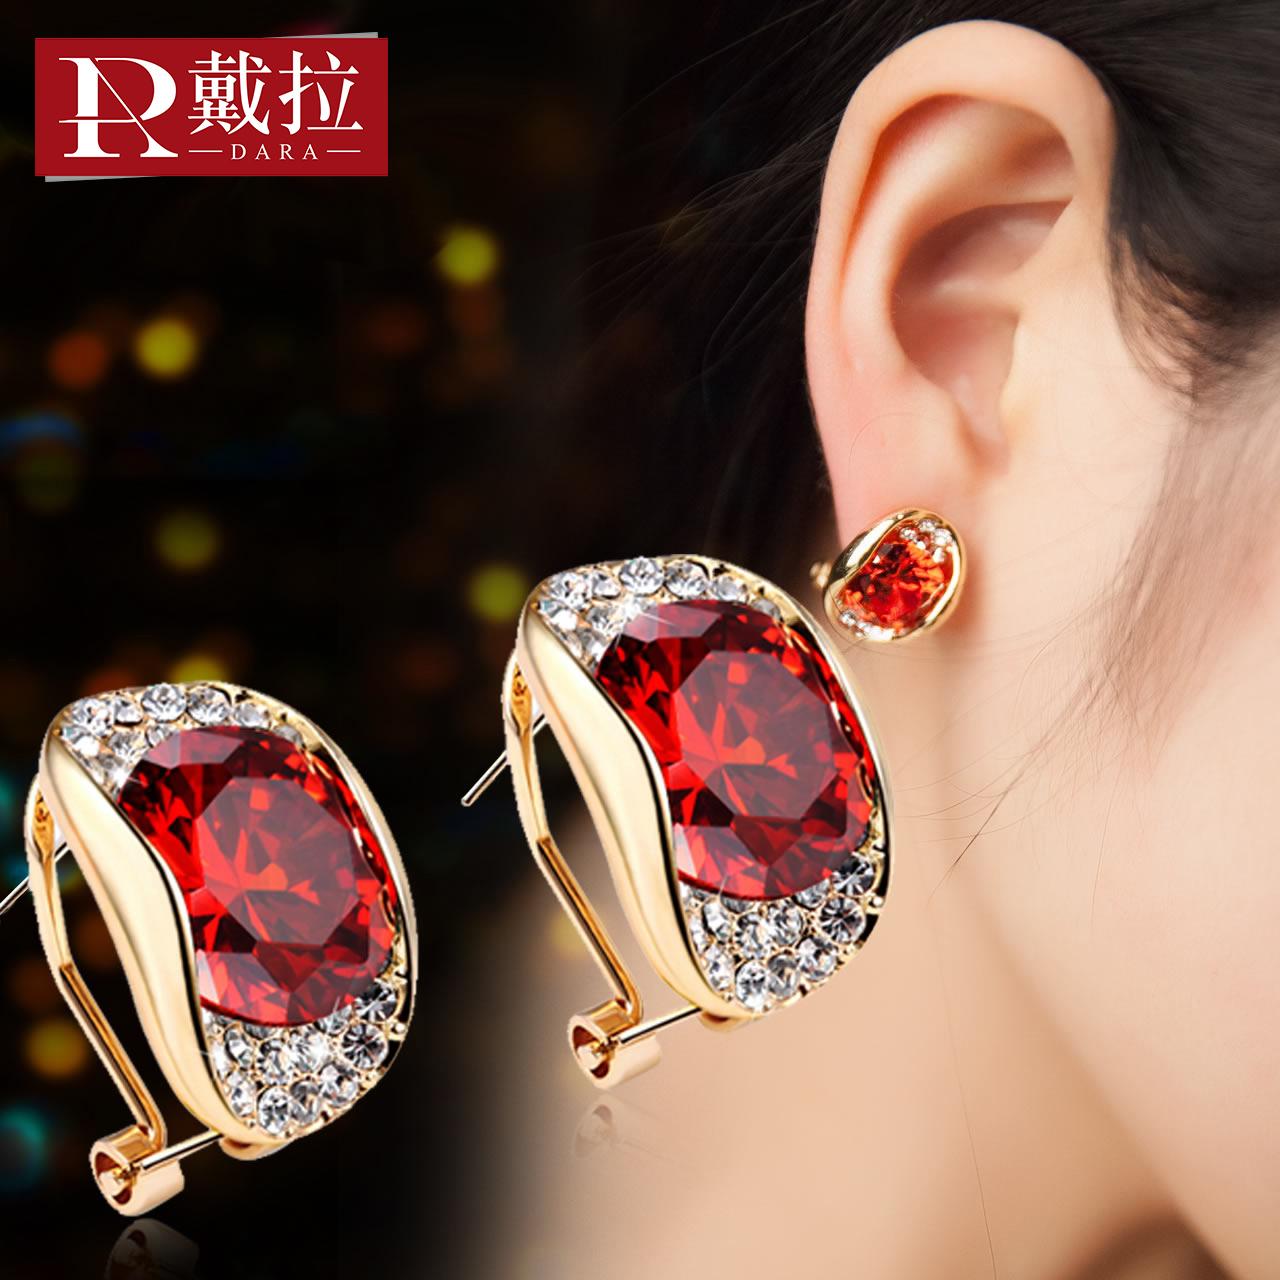 戴拉饰品 s925银针时尚气质耳钉女 OL几何耳环韩版装饰耳扣耳夹